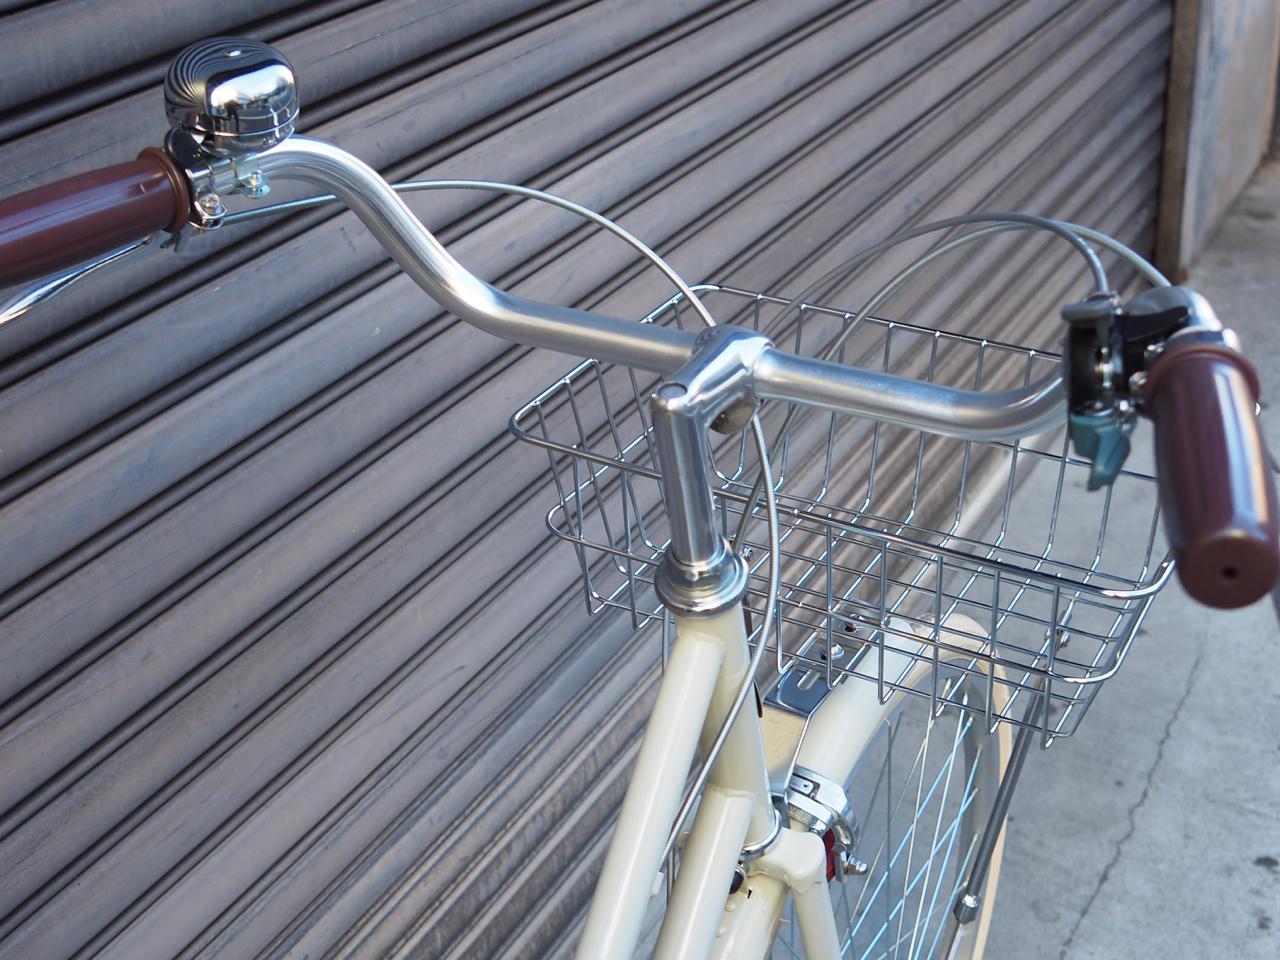 リンドウ,リンドウバイク,パラレル,自転車,おしゃれ自転車,トーキョーバイク,チャイルドシート,ボバイク,bobike